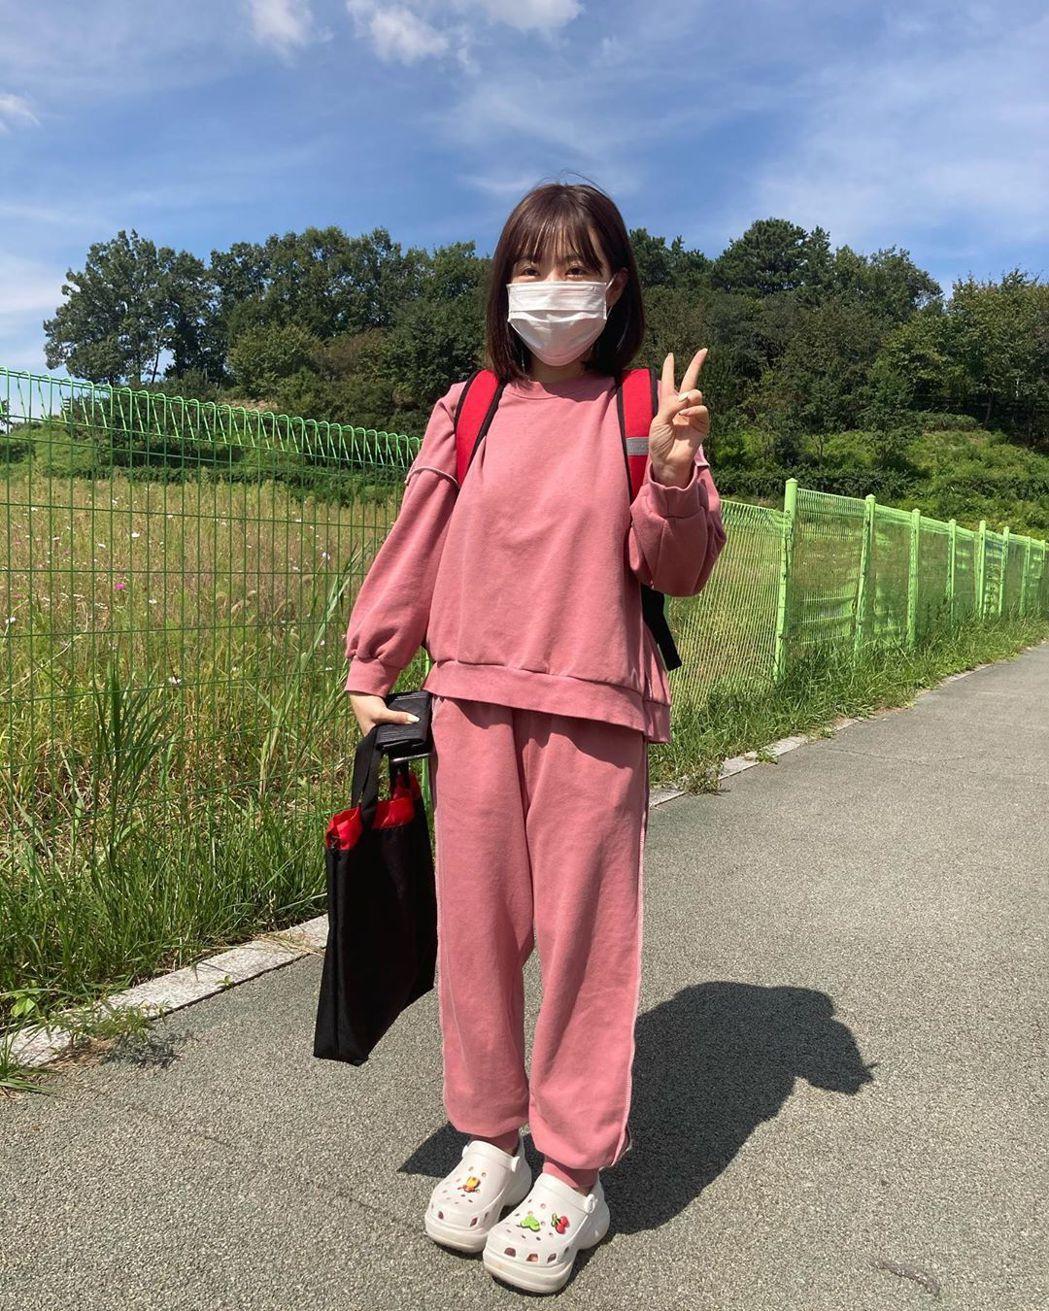 28岁洪瑛琦身材娇小又童颜,竟被误认成小学生。 图/撷自IG